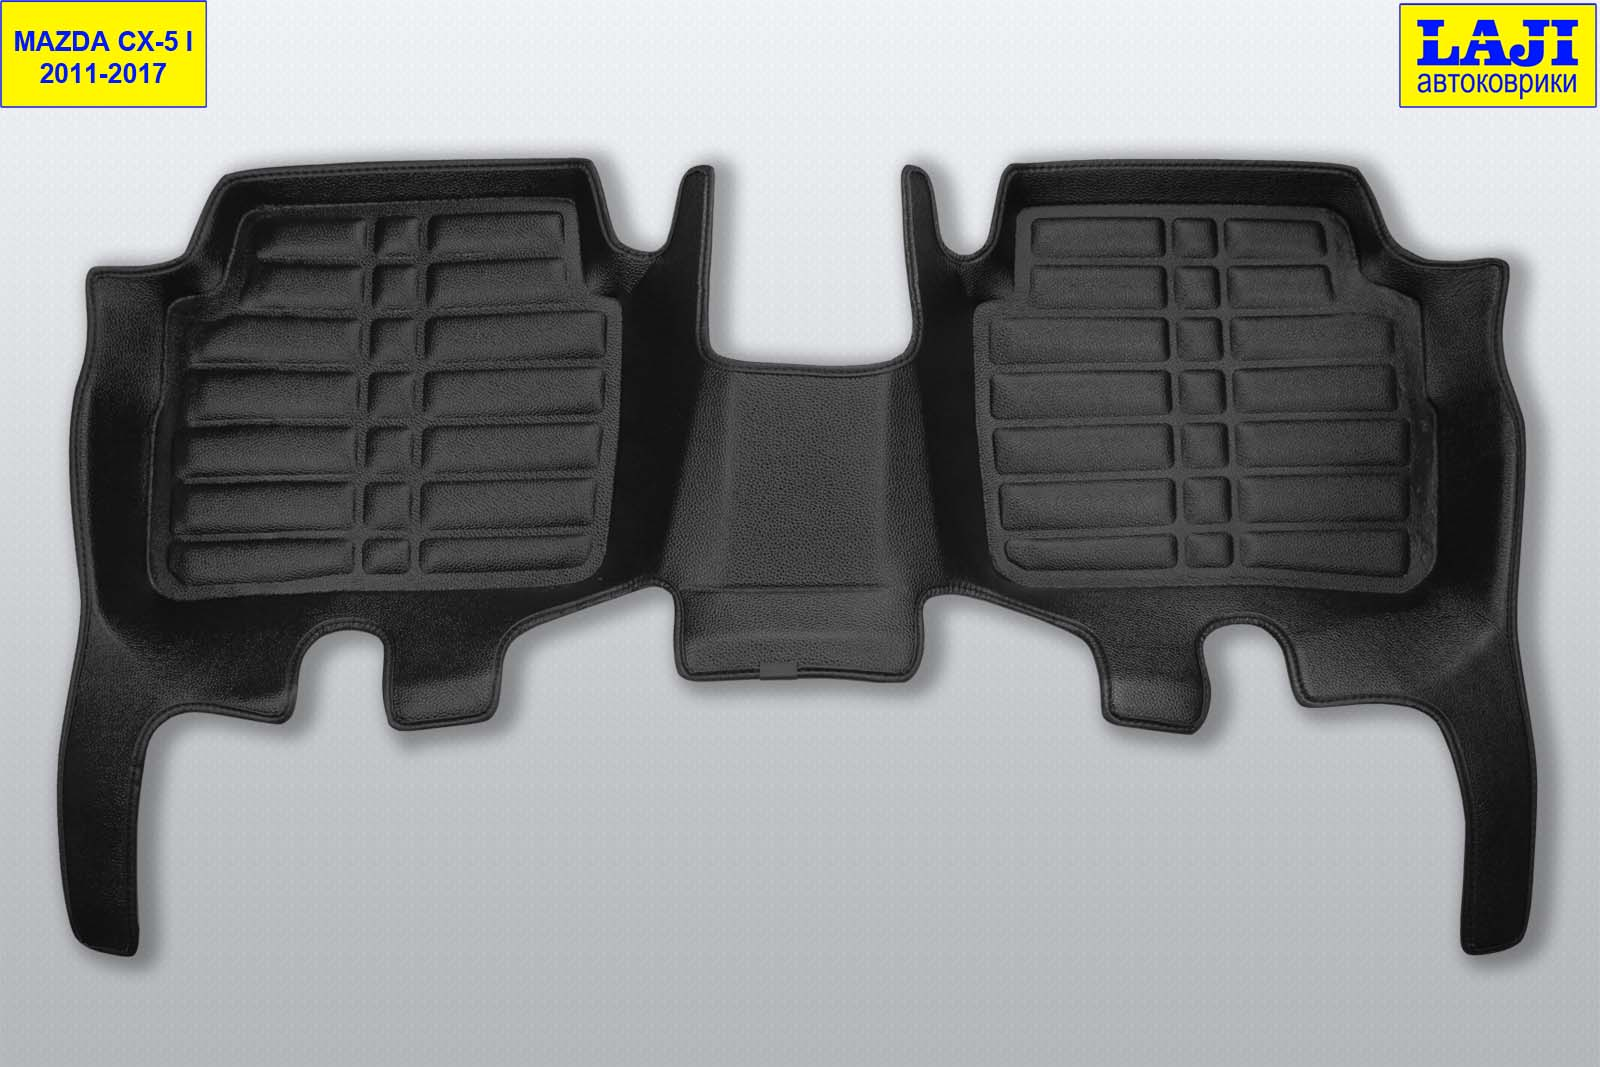 5D коврики в салон Mazda CX-5 2011-2017 10